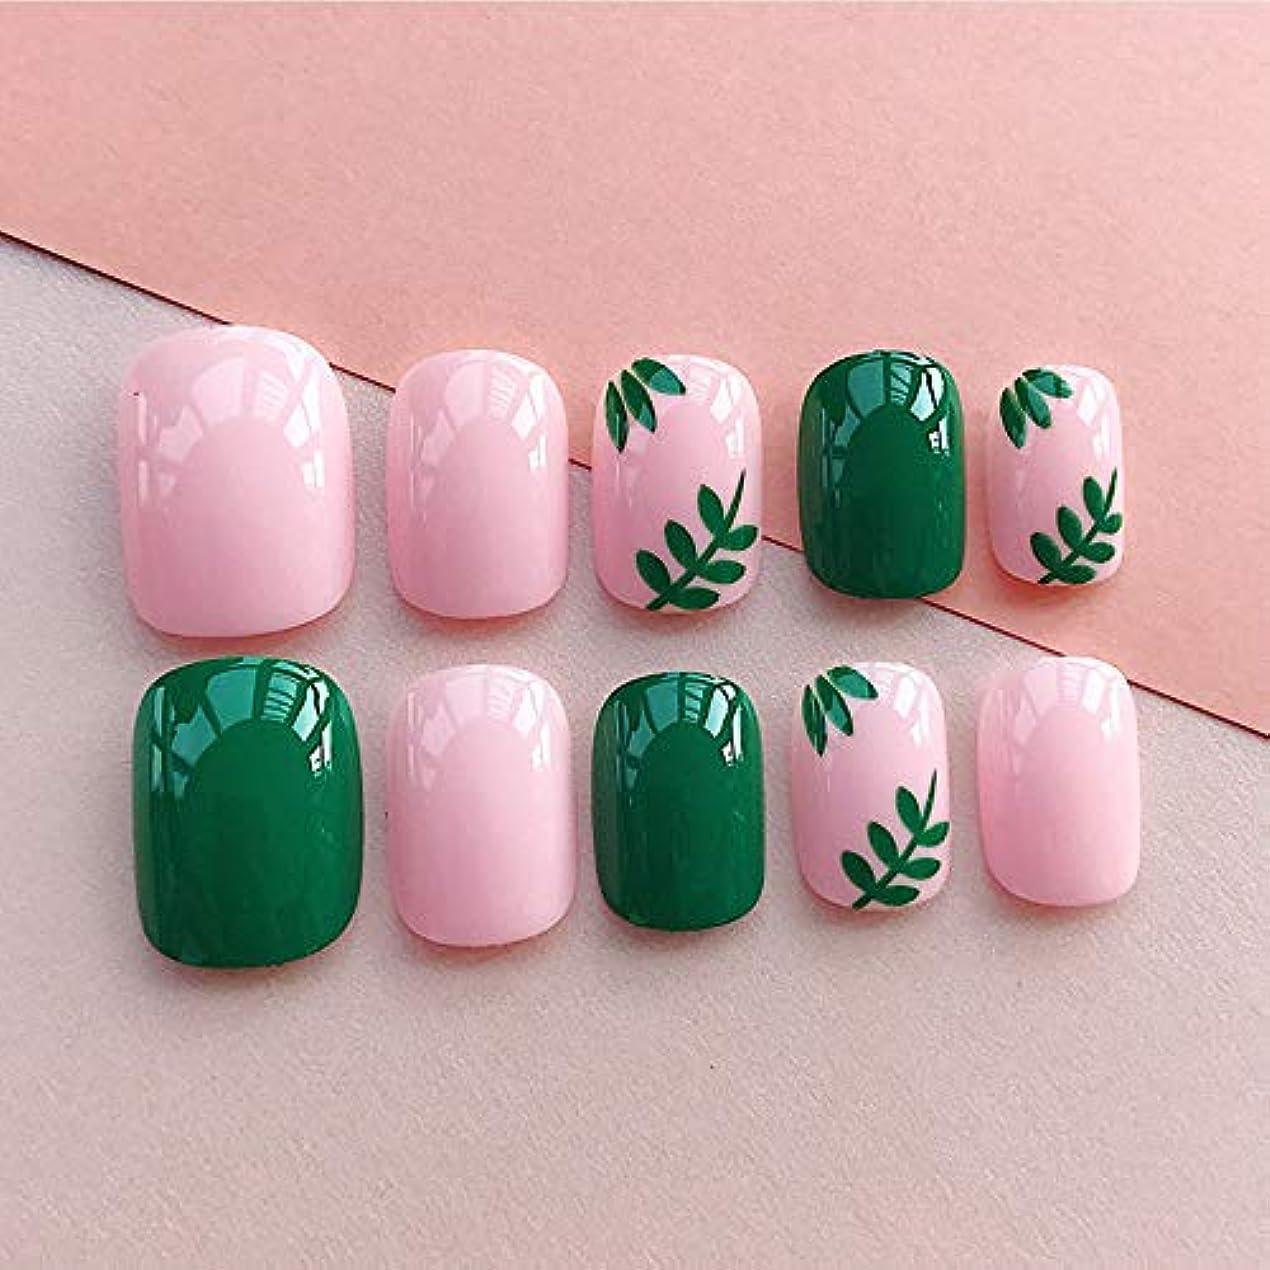 海軍パワーセル花弁LIARTY ネイルチップ 夏の ピンク 緑の葉 優雅 短い 四角形 フルカバー 24枚 12別サイズ つ